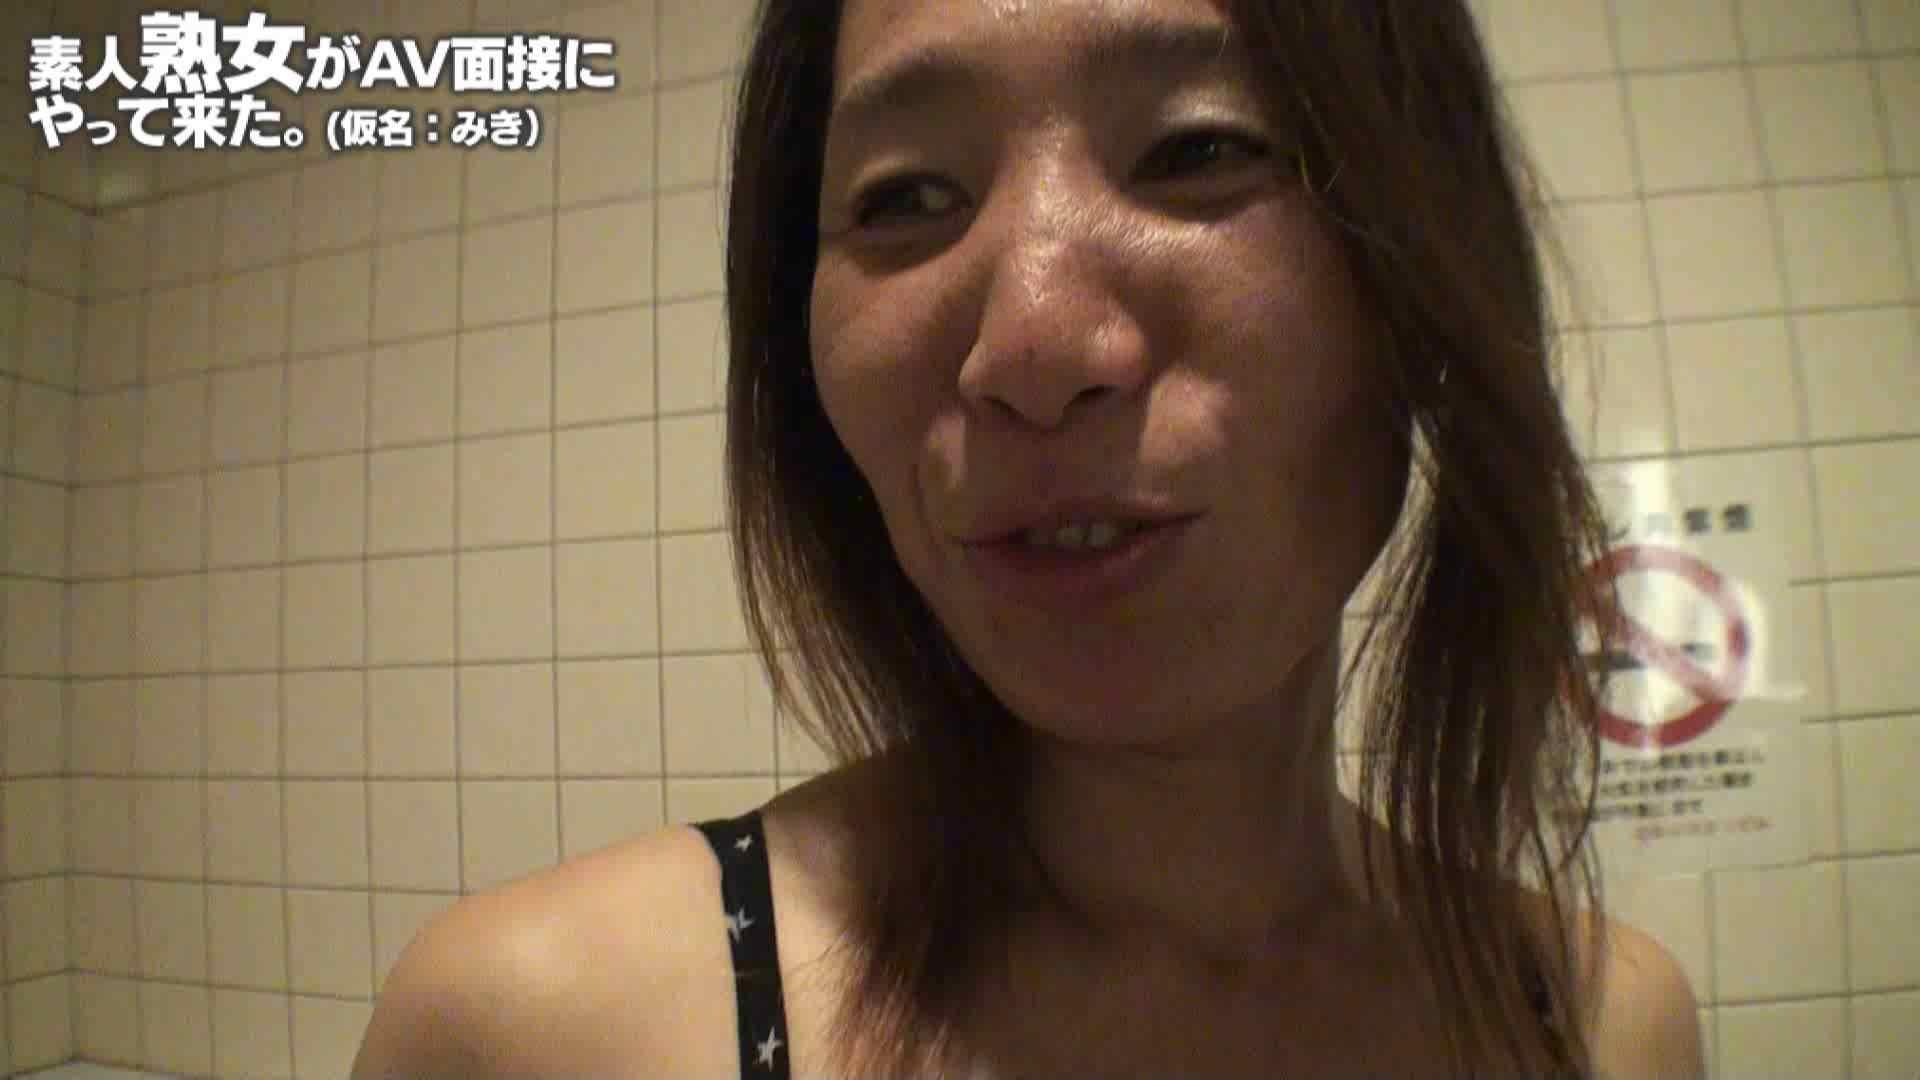 素人熟女がAV面接にやってきた (熟女)みきさんVOL.03 洗面所 われめAV動画紹介 73PIX 14